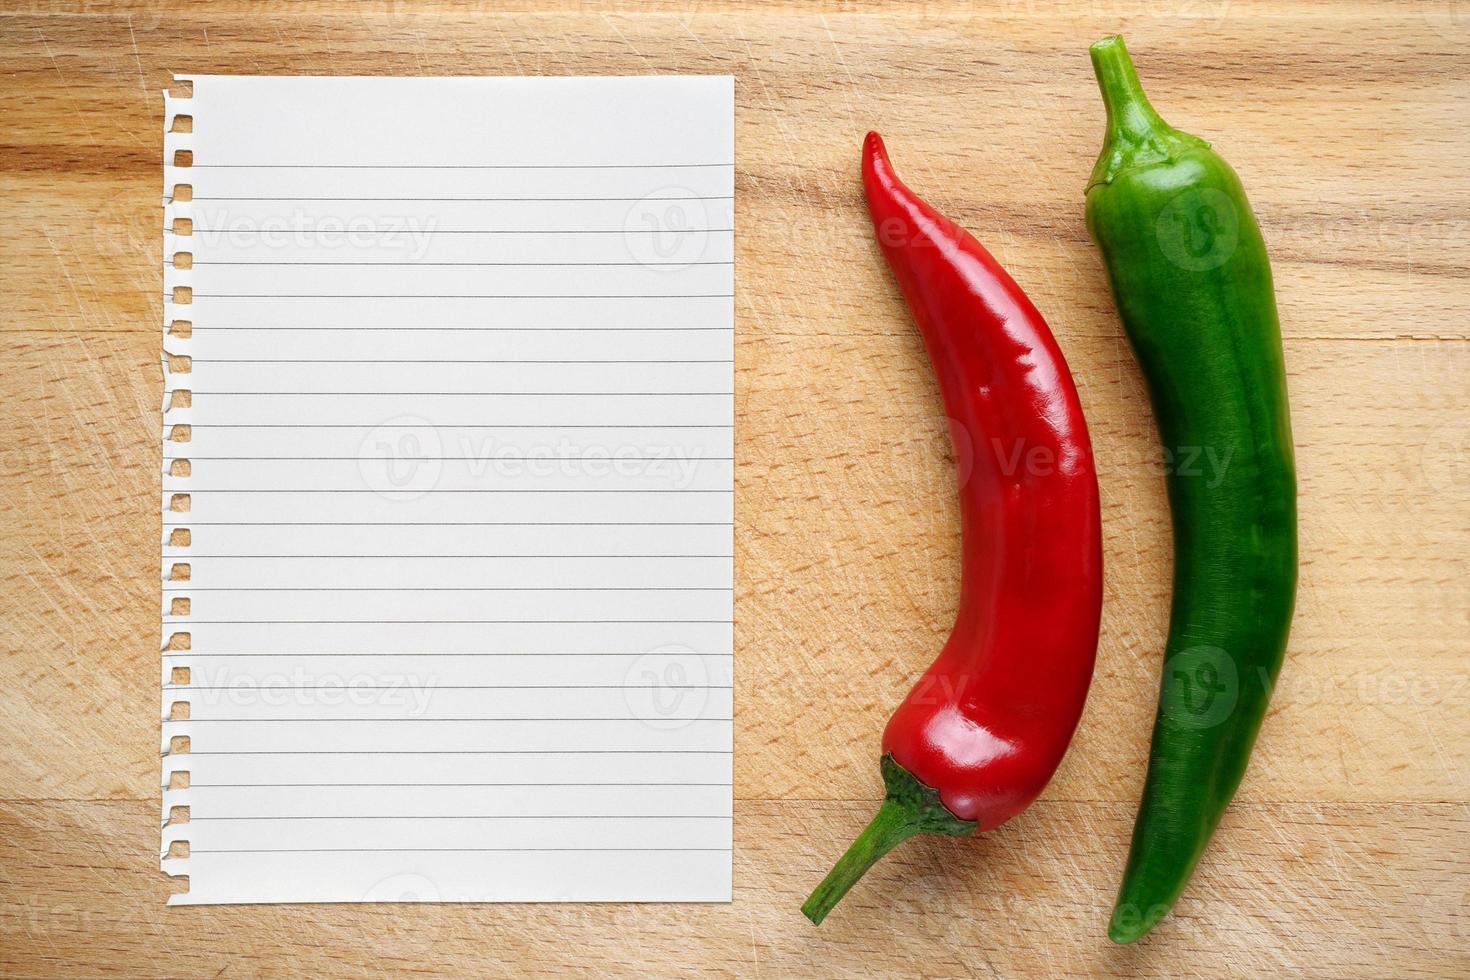 paprika en papier voor recept foto